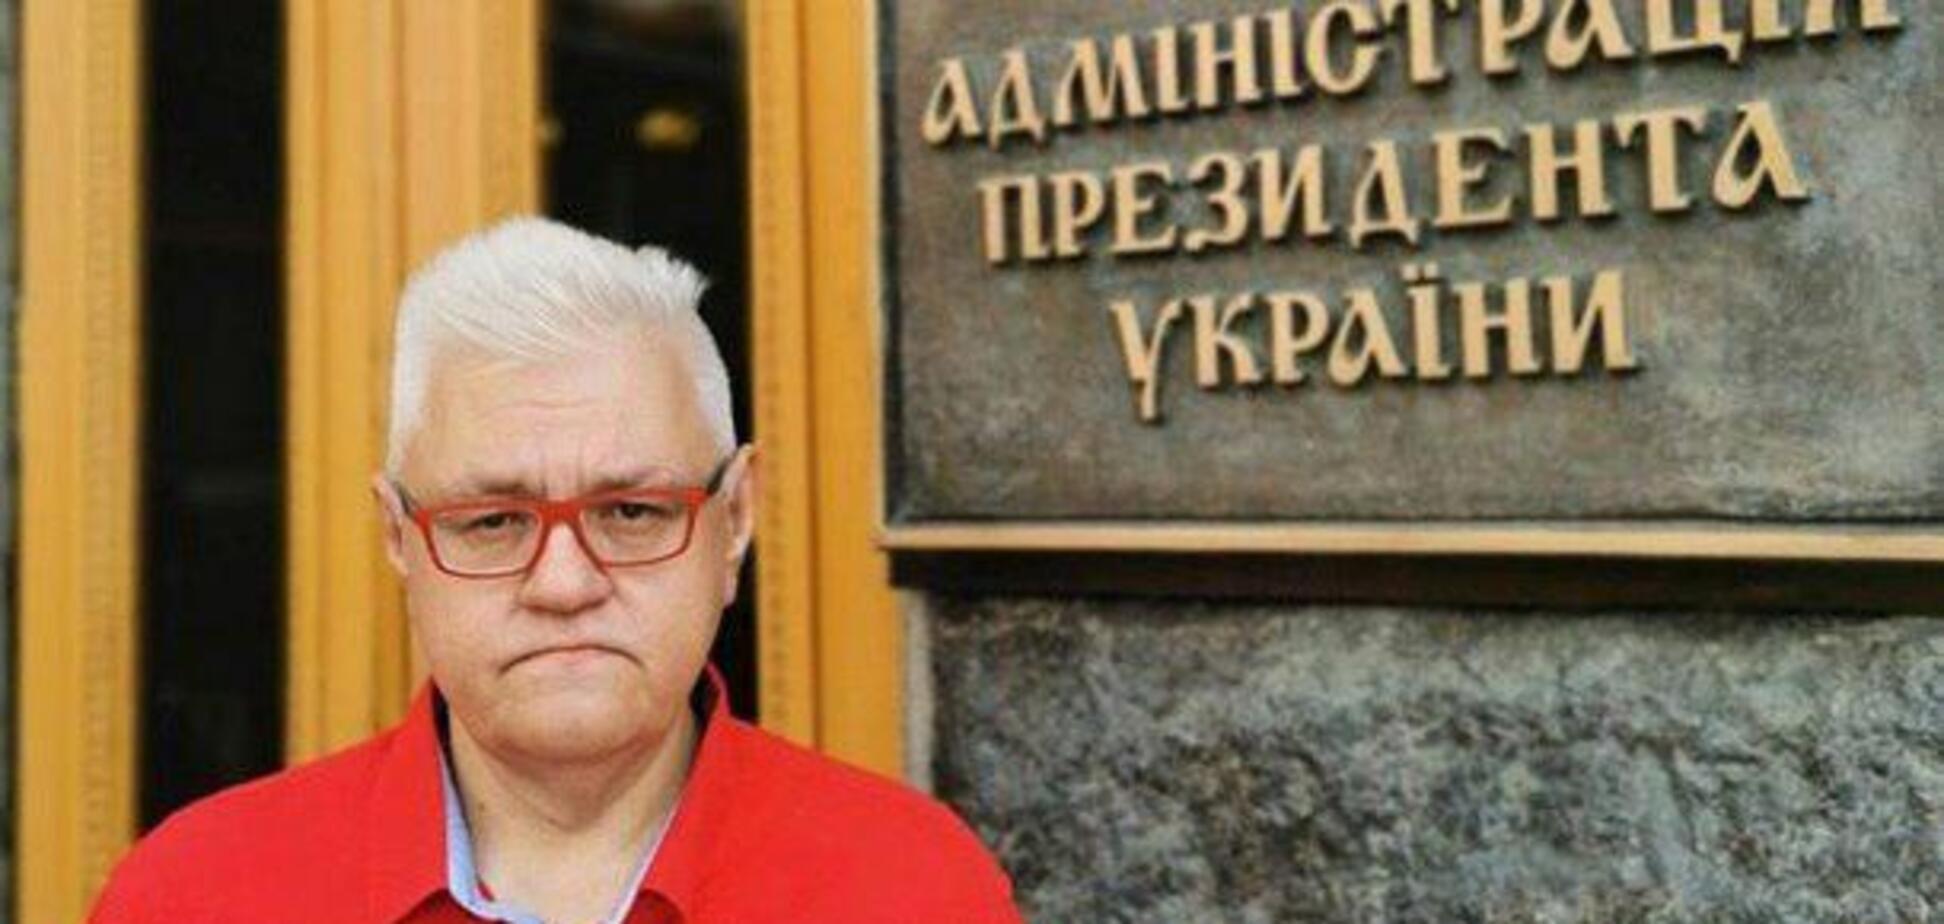 Сивохо — советник секретаря СНБО: не всегда тот, с кем клево бухнуть, может исполнить что-то серьезнее